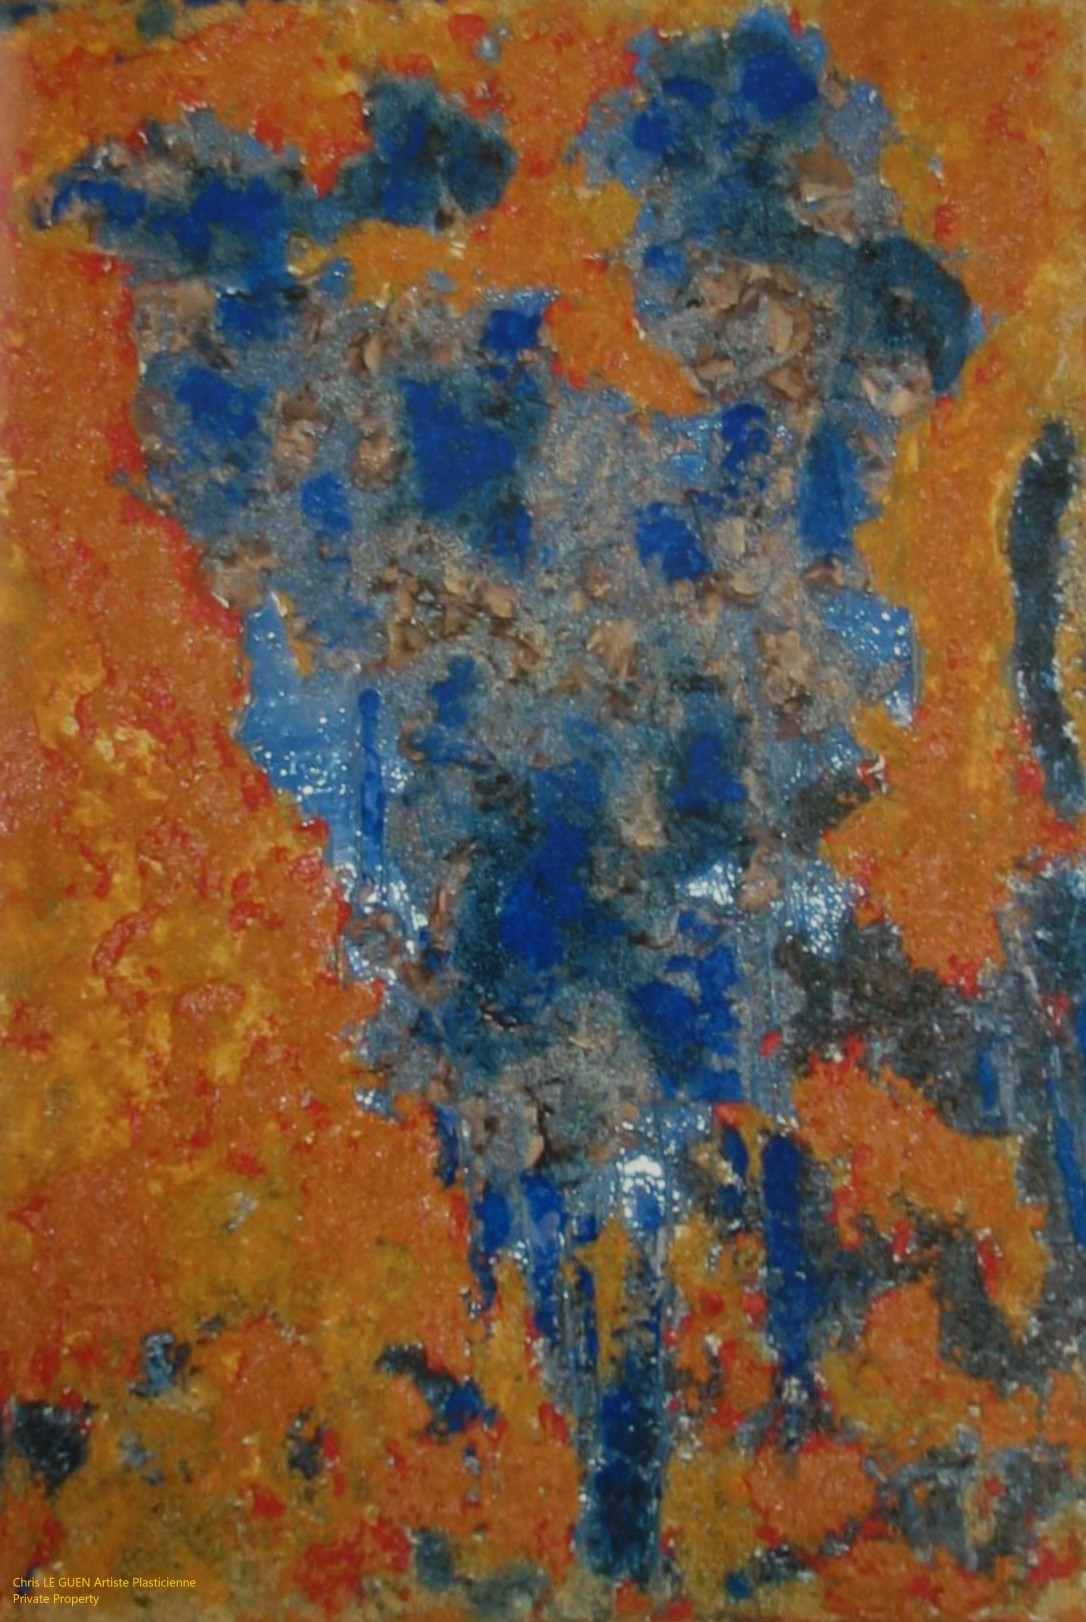 Chris Le Guen Artiste Plasticienne Peintre et Sculptrice peint N°34